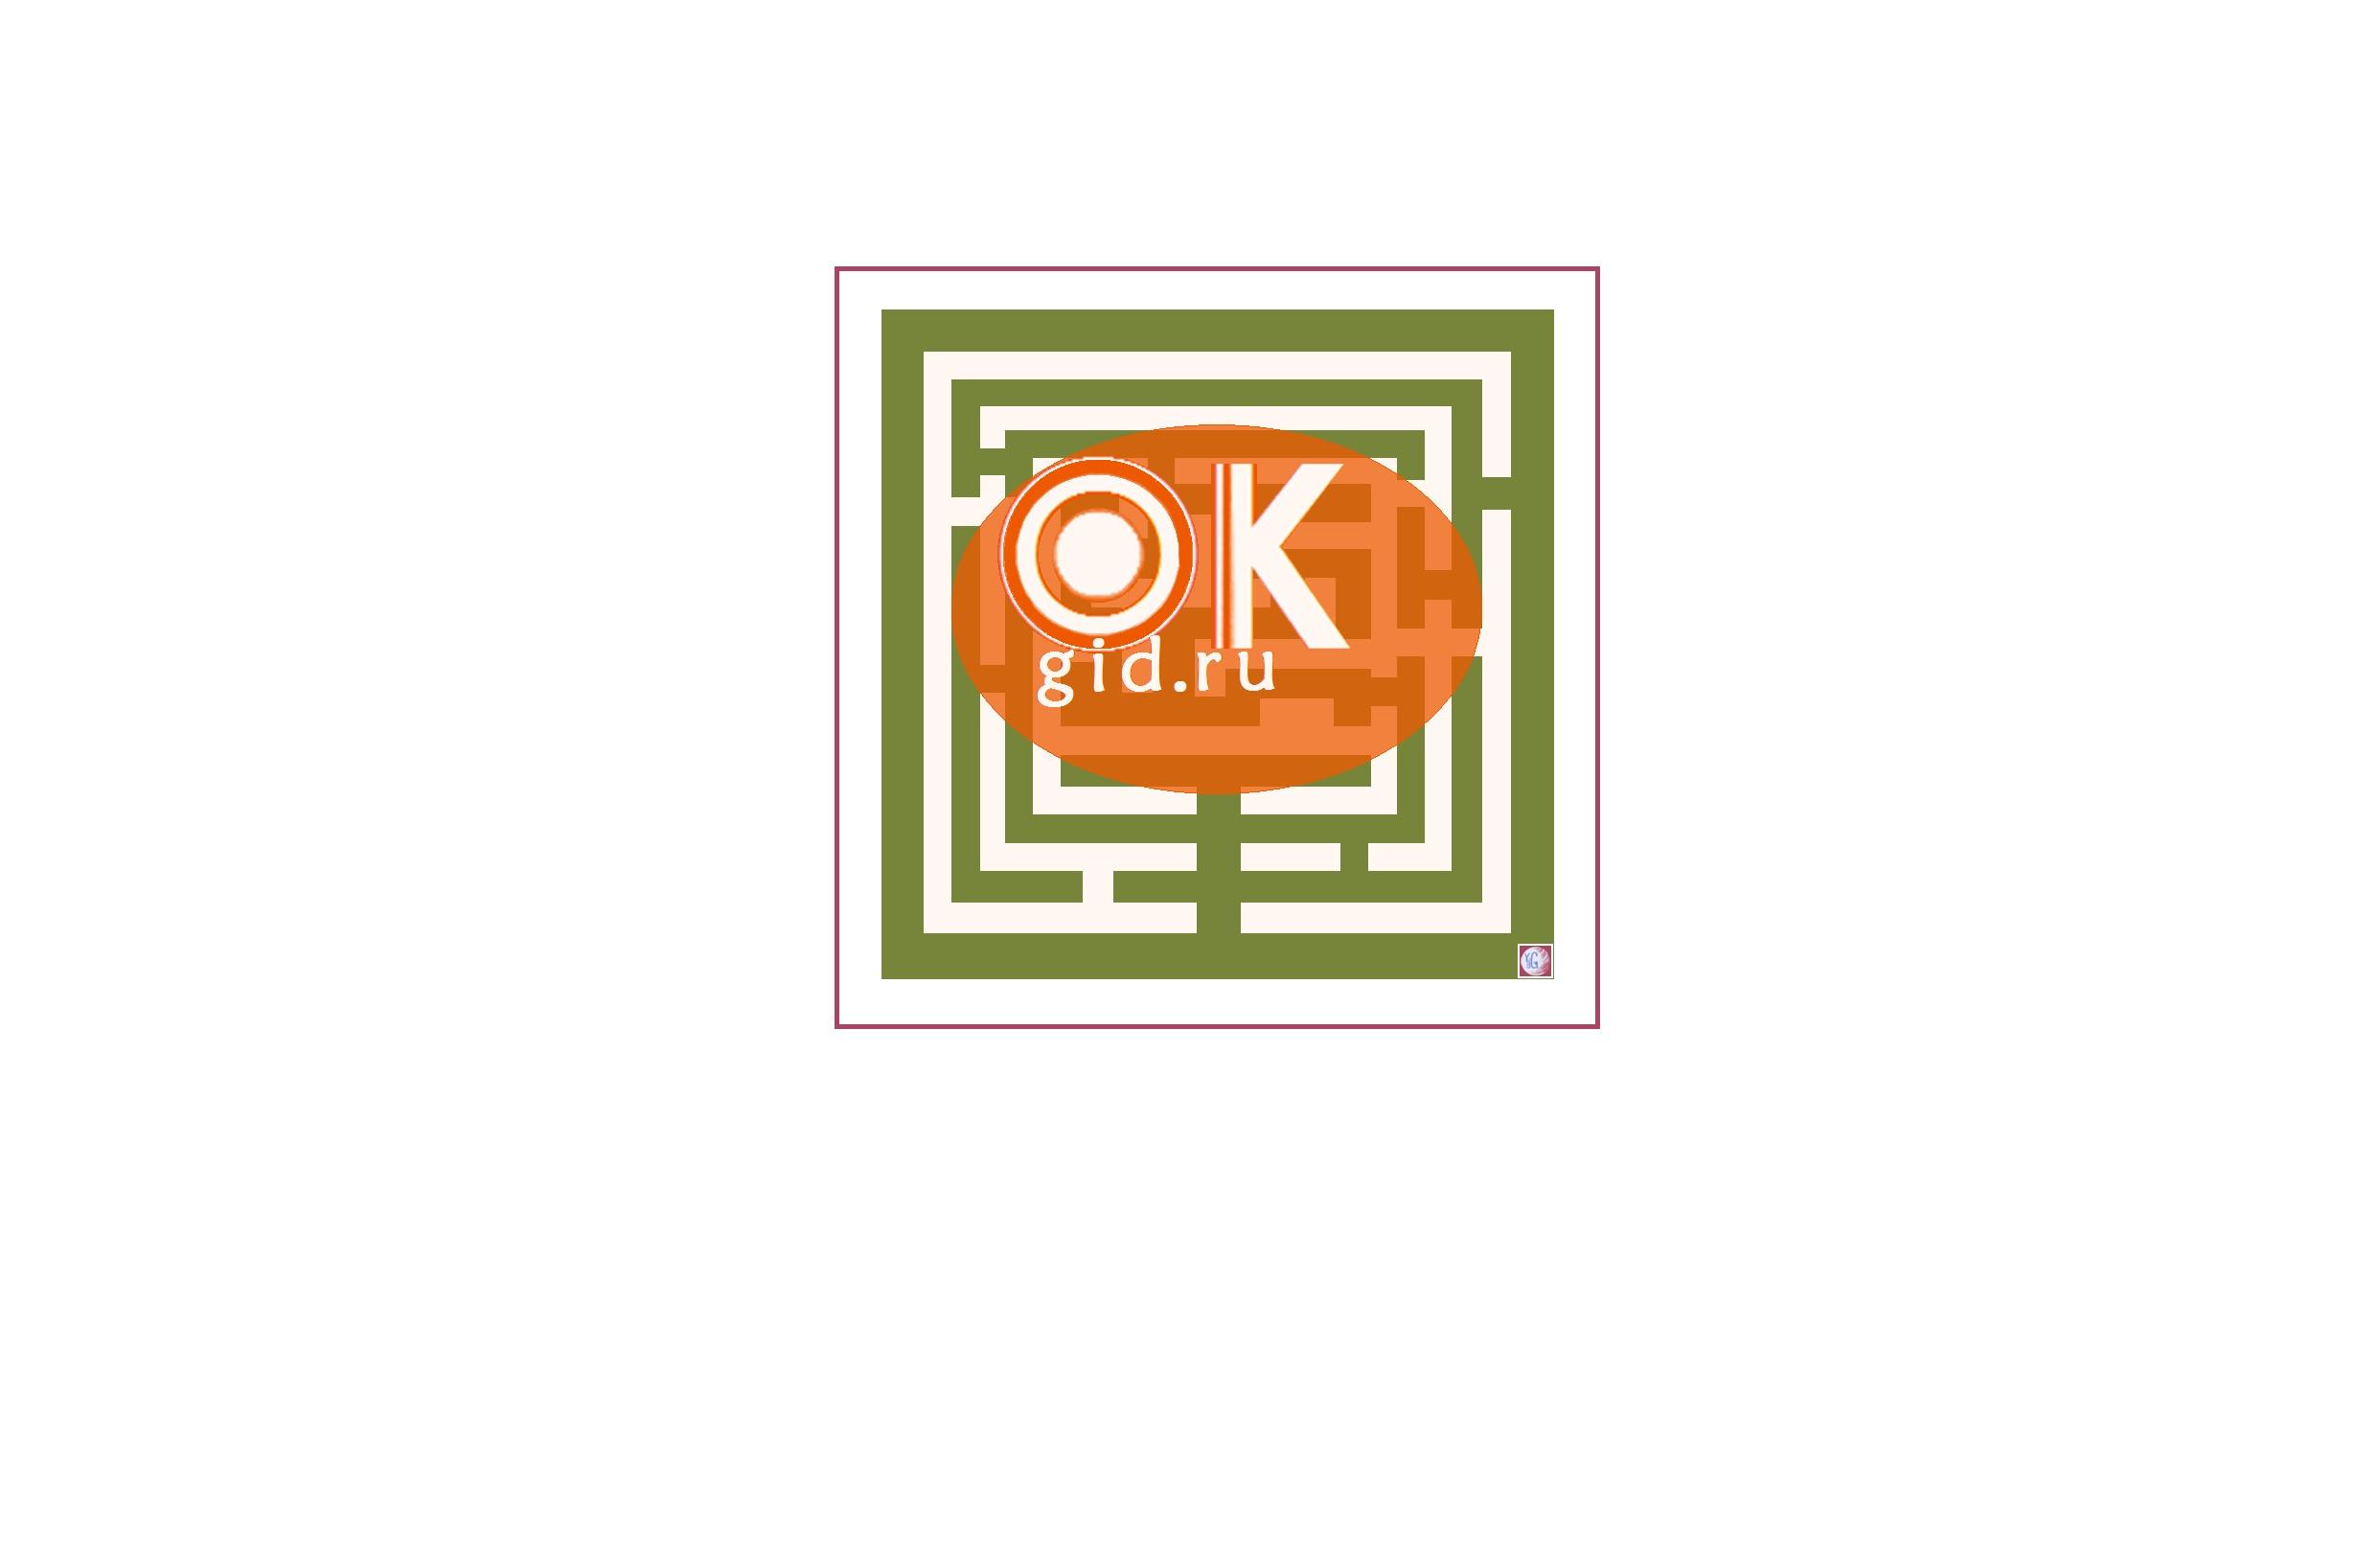 Логотип для сайта OKgid.ru фото f_38357c47d77a2ccf.jpg